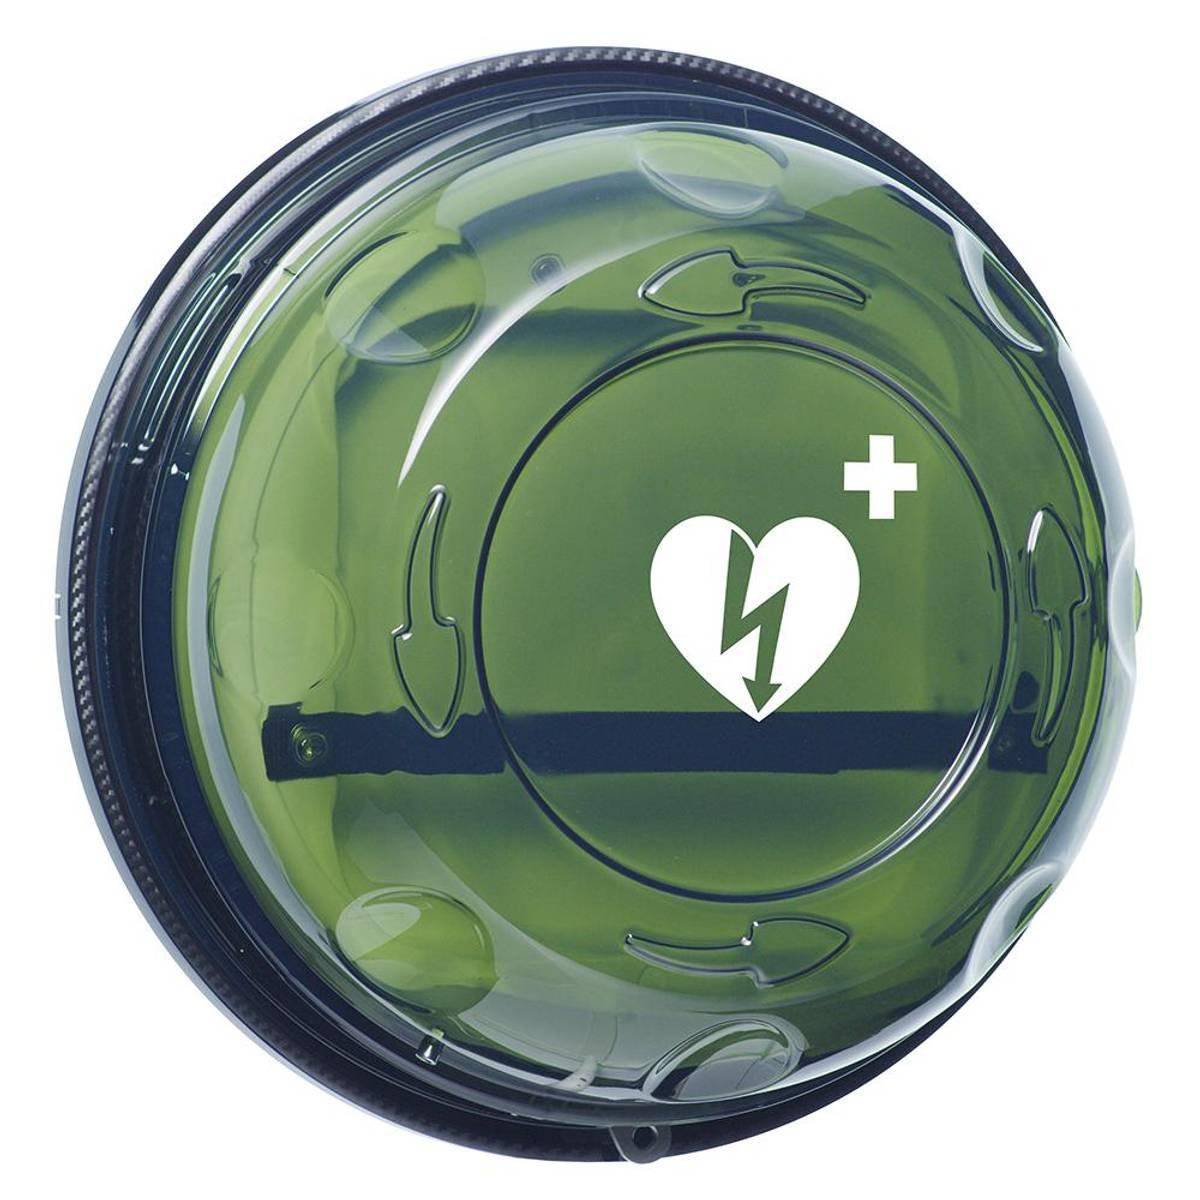 Komplett Rotaid 24/7 overvåket hjertestarterskap LHL m/varme